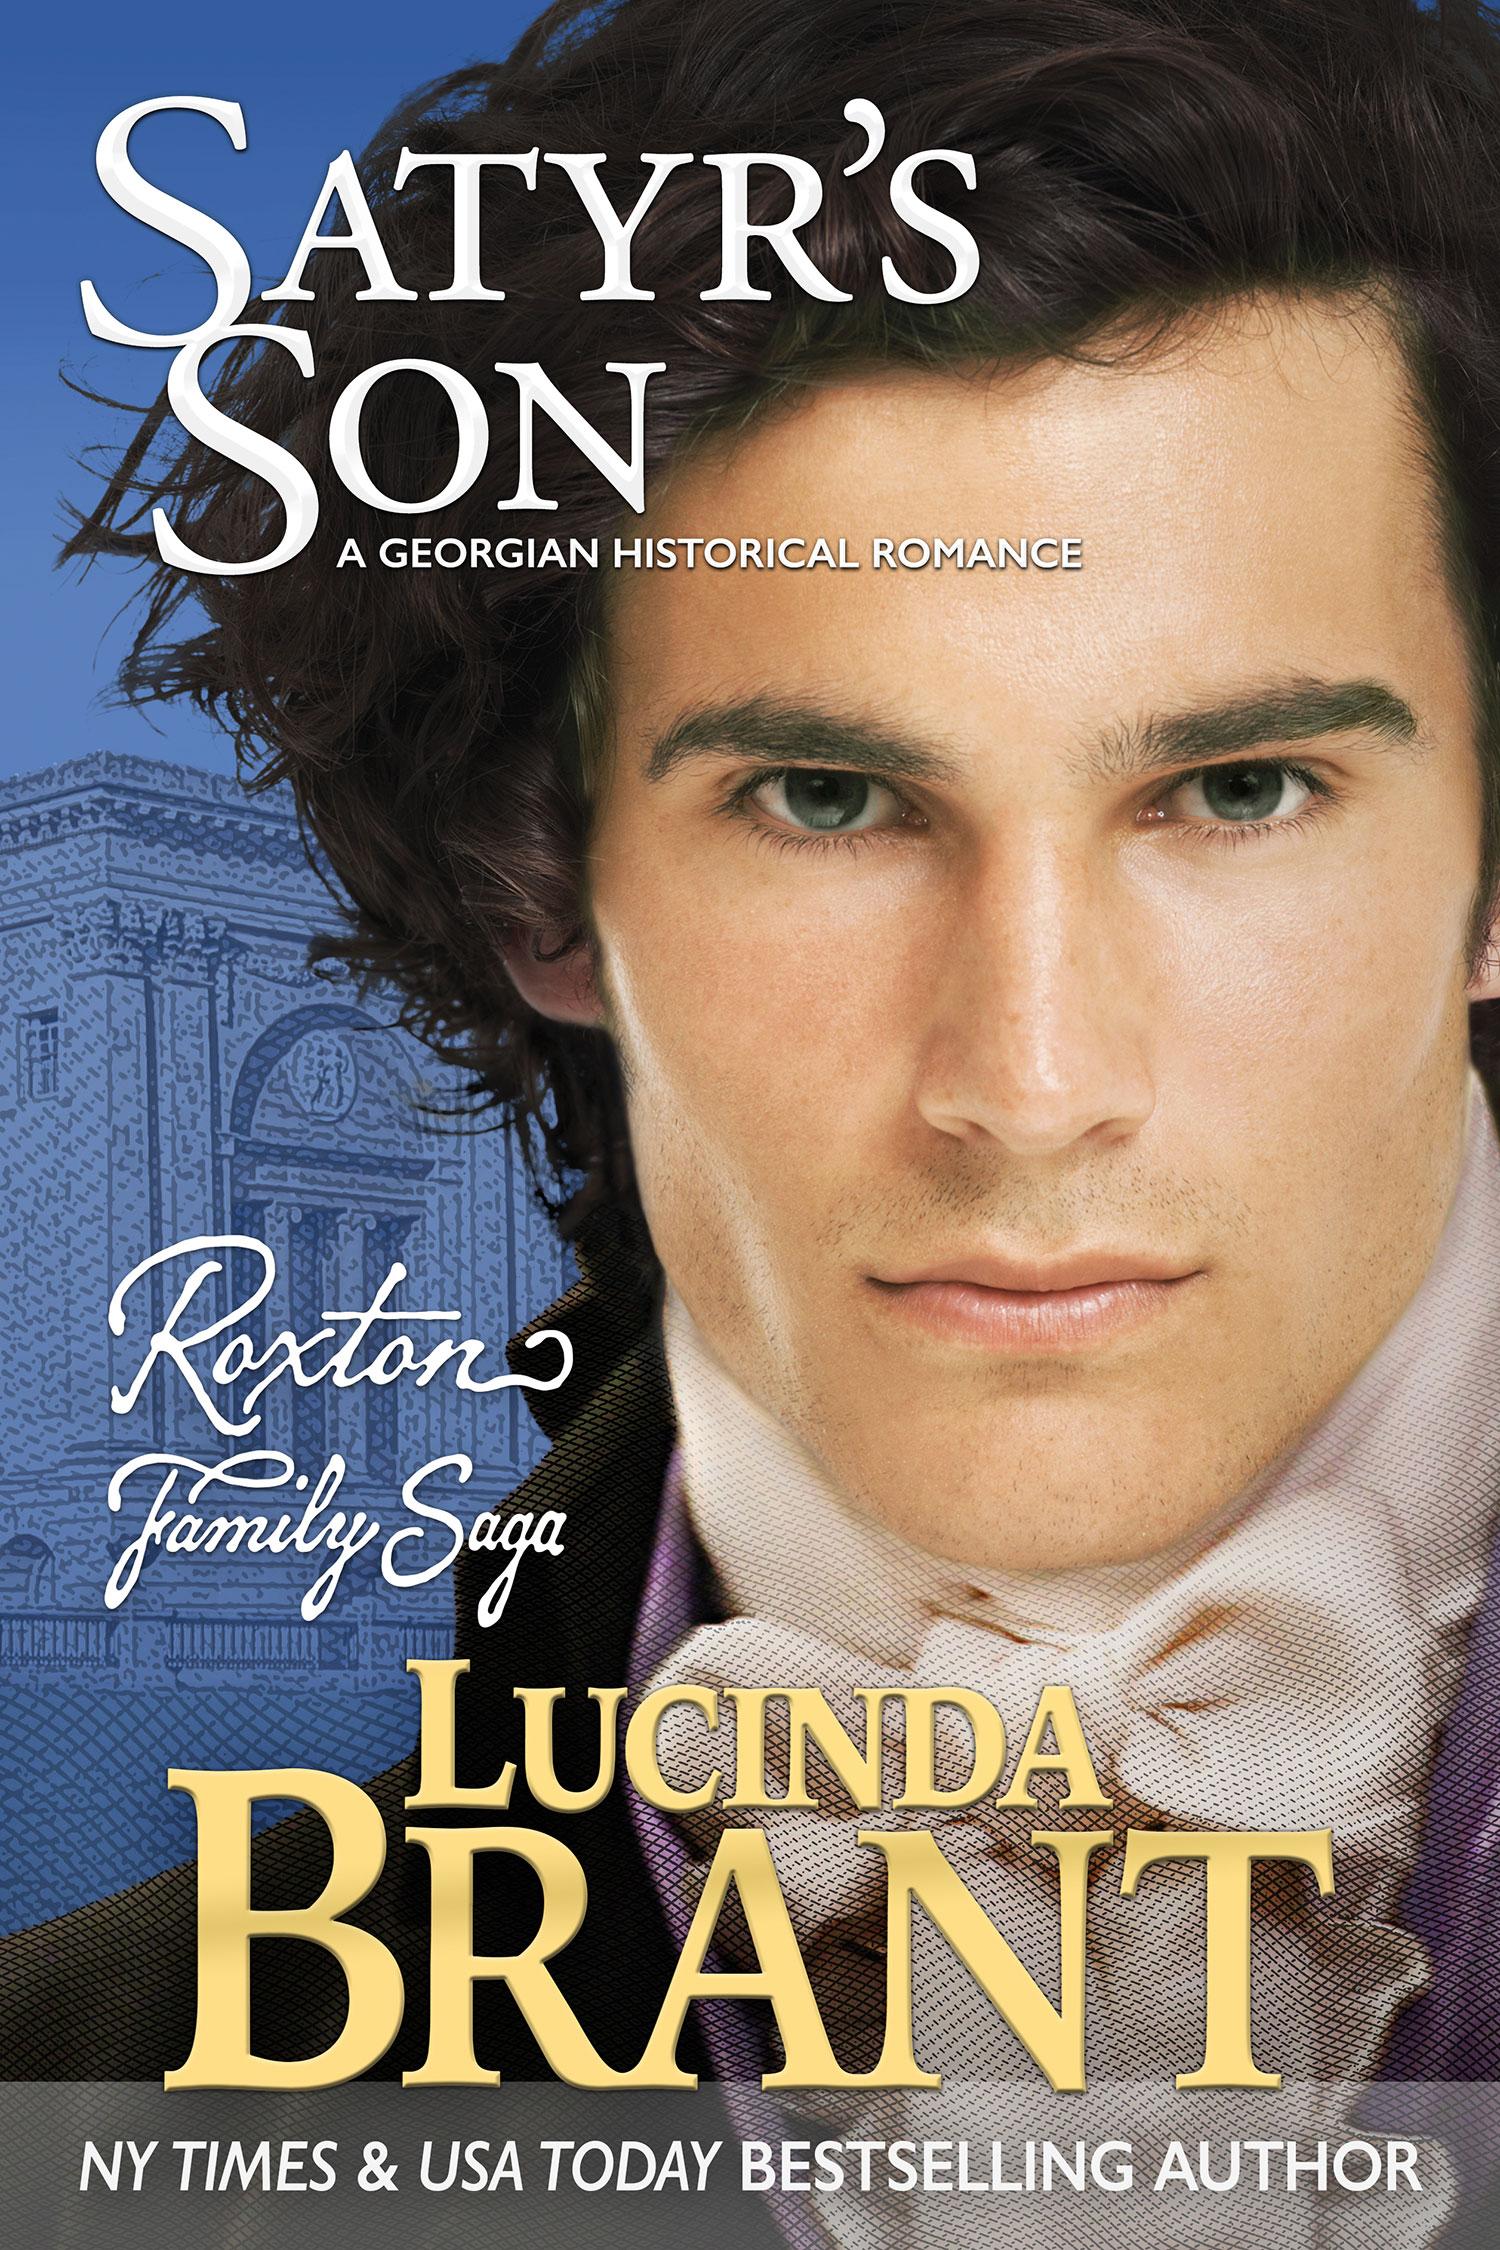 Satyr's Son: A Georgian Historical Romance by Lucinda Brant